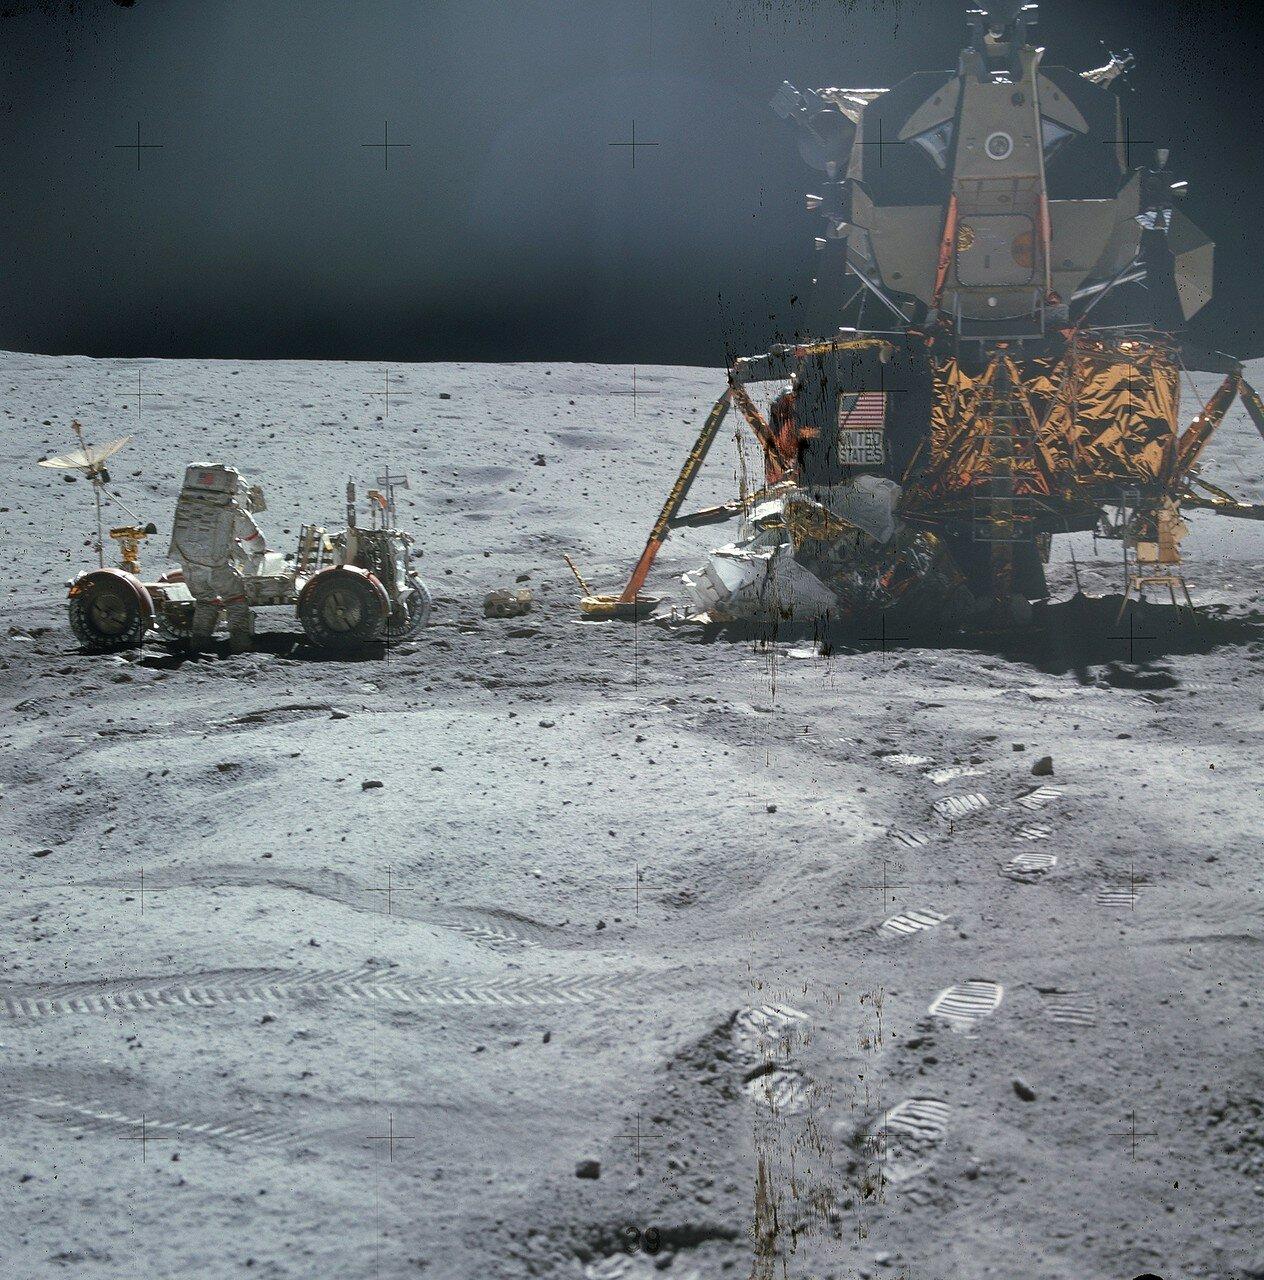 Перед началом поездки Янг установил все переключатели на панели управления «Ровера» в нормальное штатное положение На снимке: Джон Янг у «Ровера» перед поездкой к кратеру Северный Луч